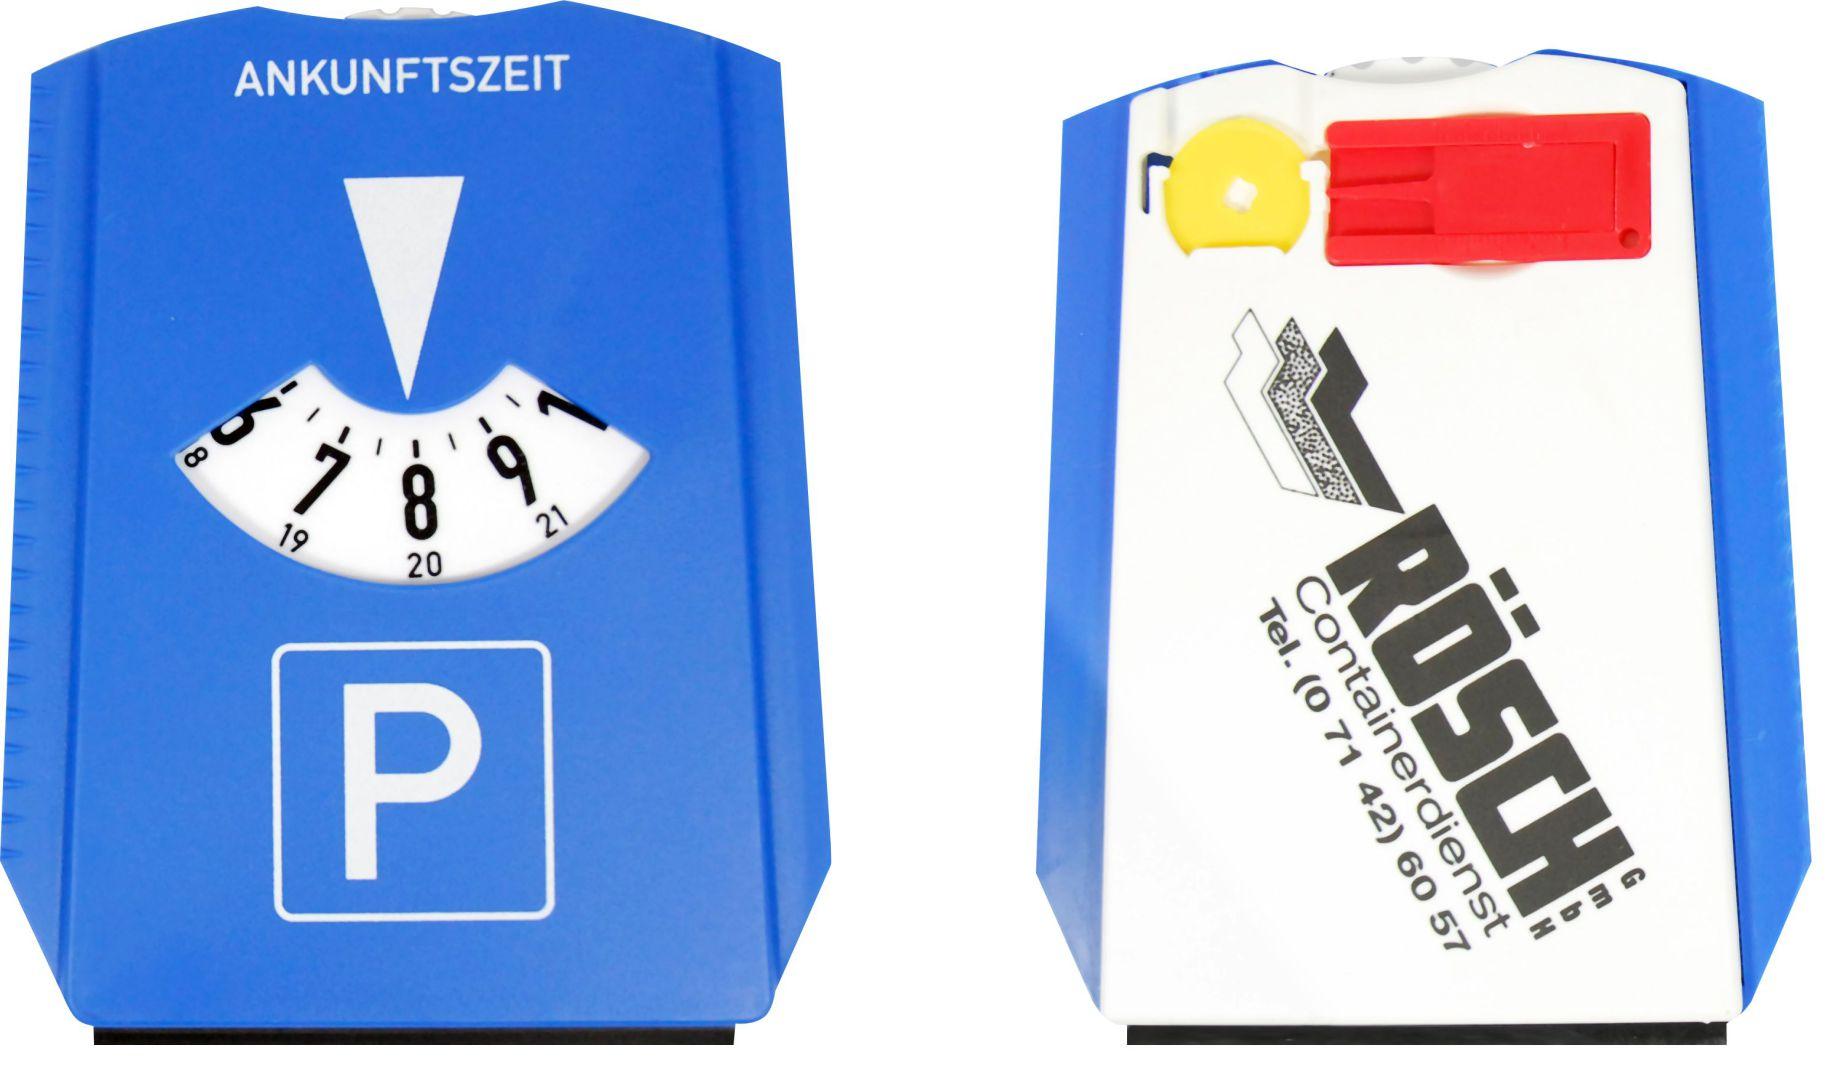 Parkscheibe mit Eiskratzer, EK-wagenchip, Profilmesser